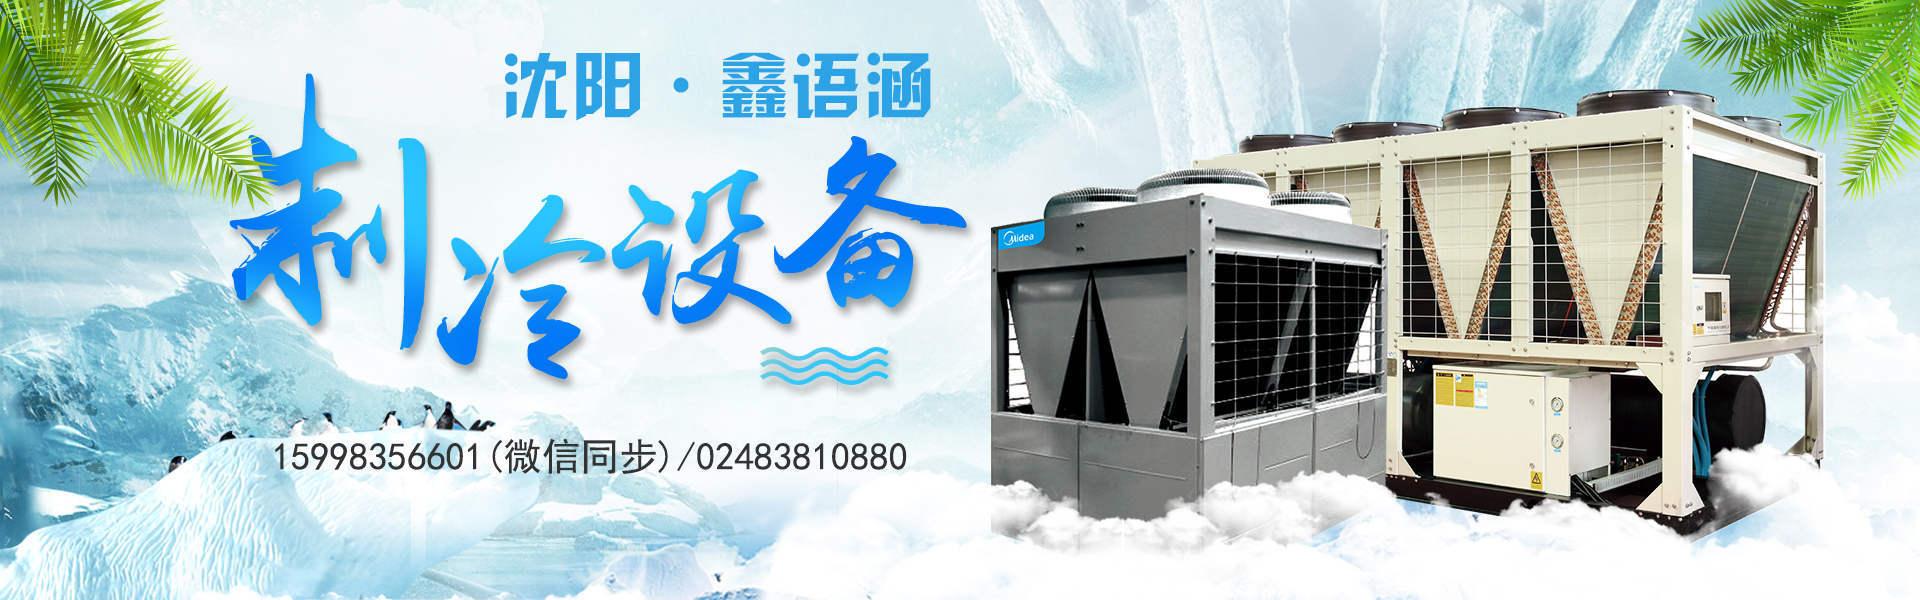 沈阳中央空调,沈阳煤改电安装,沈阳多联机,沈阳电锅炉厂家,沈阳空气能